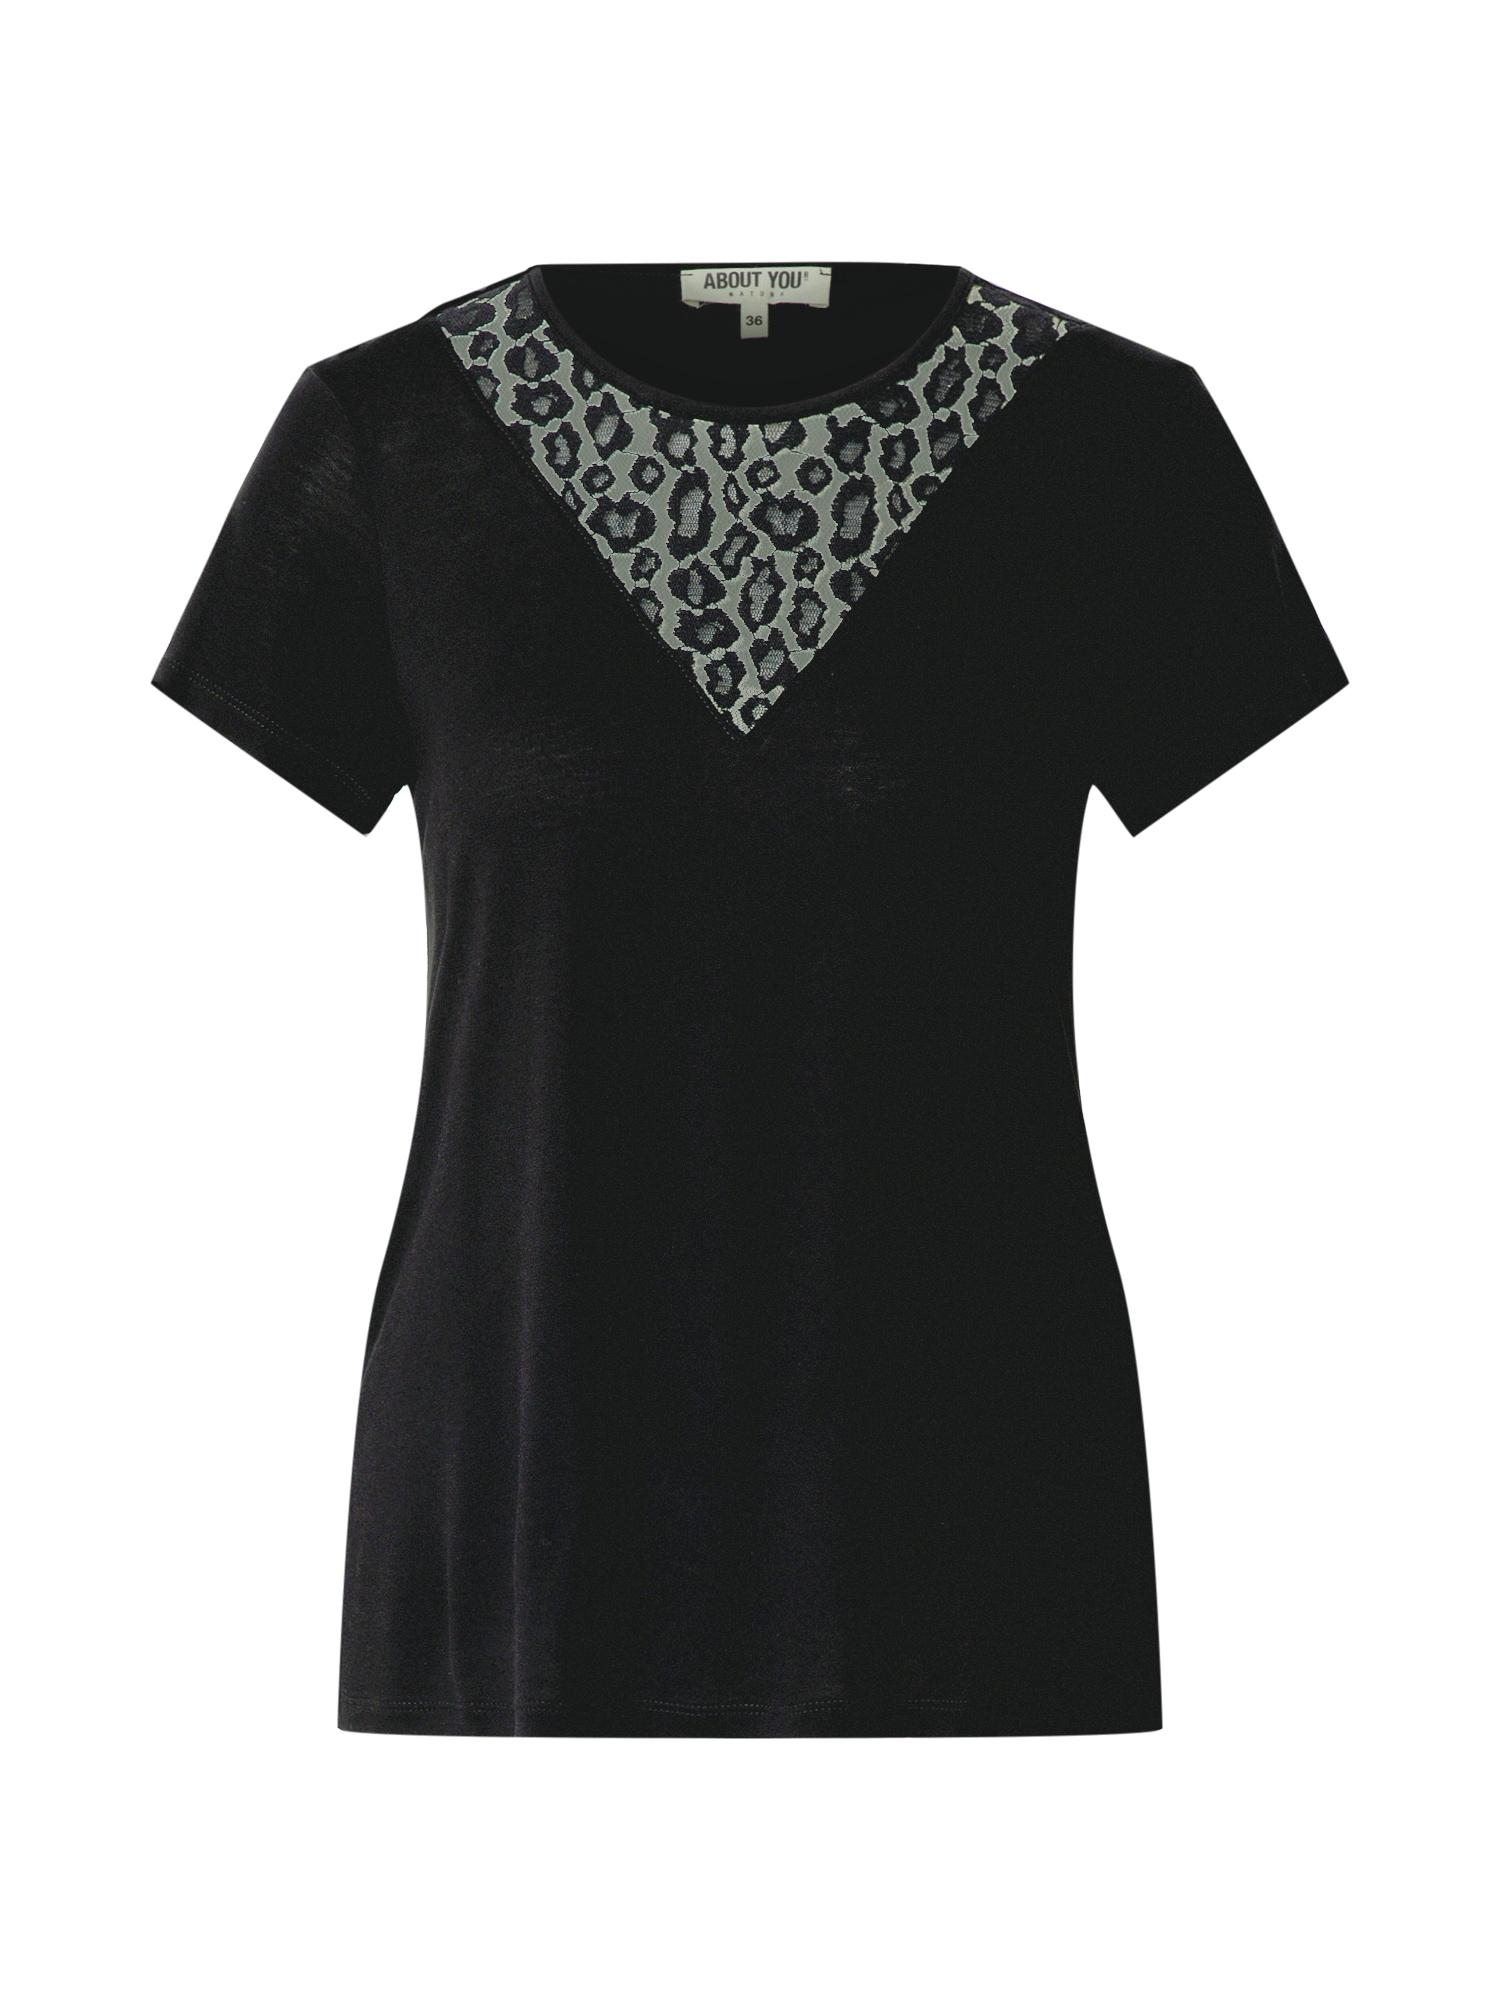 ABOUT YOU Marškinėliai 'Erin' juoda